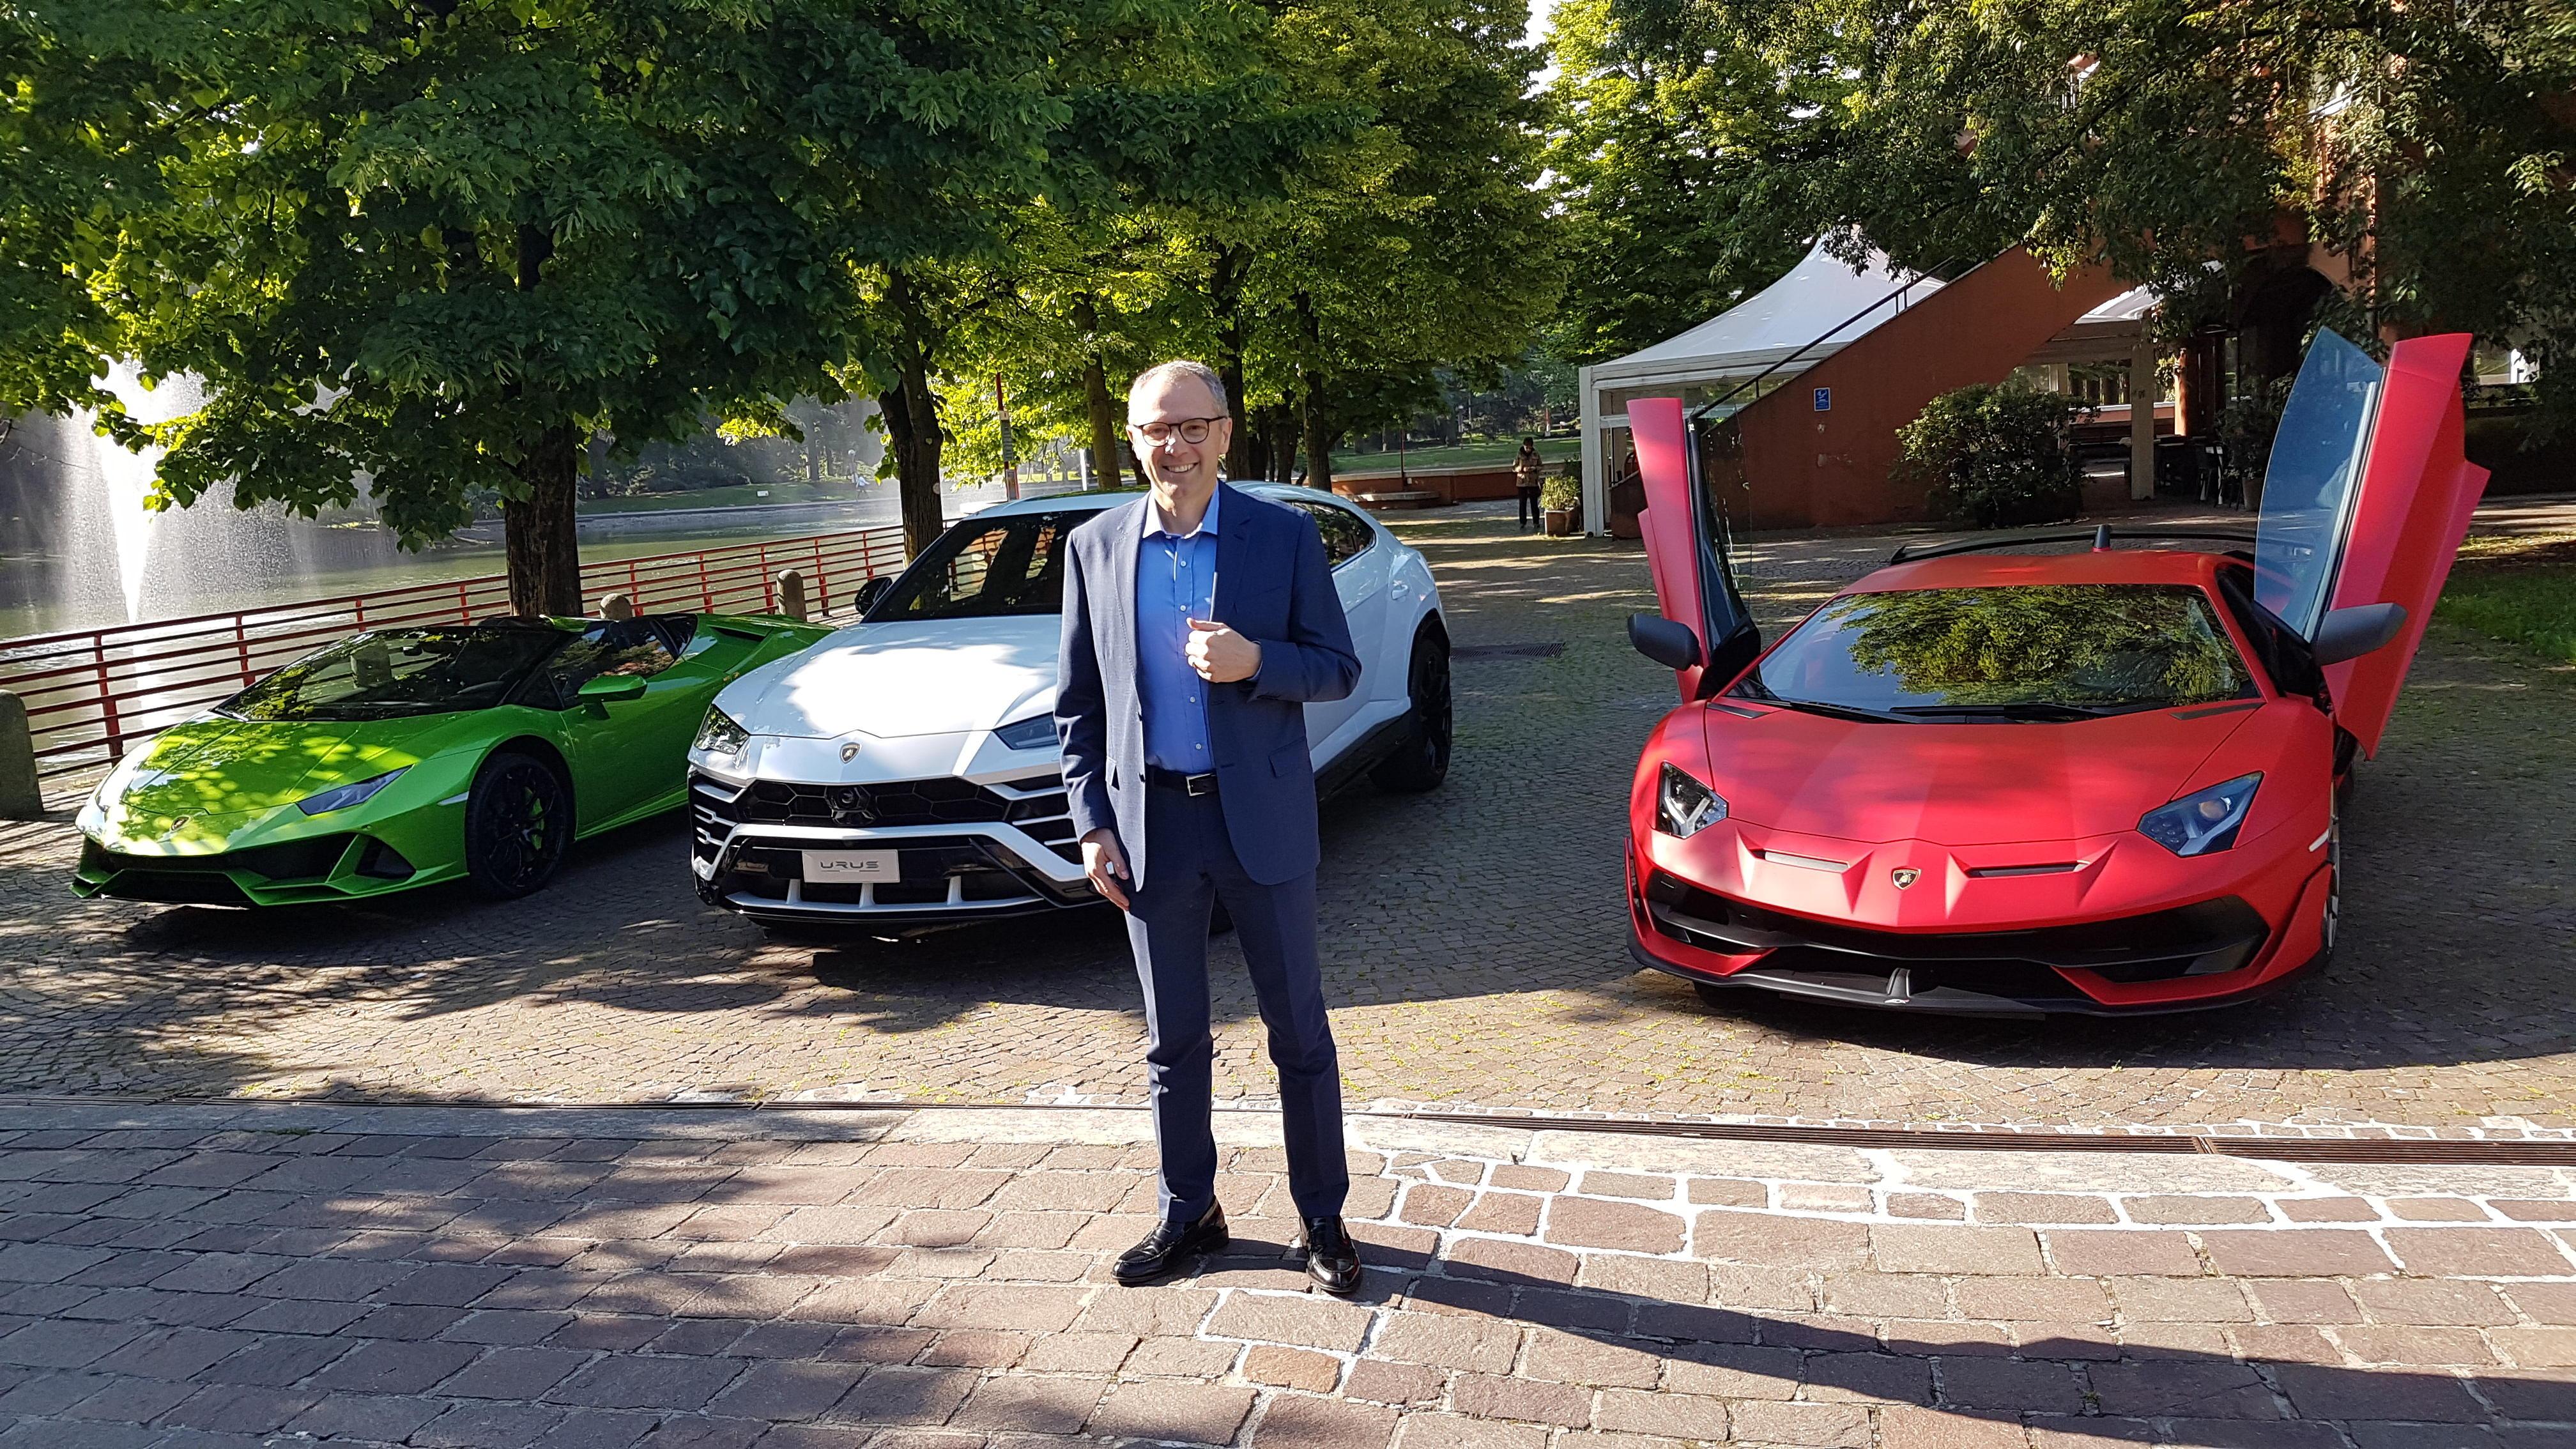 Lamborghini, nel nome del made in italy